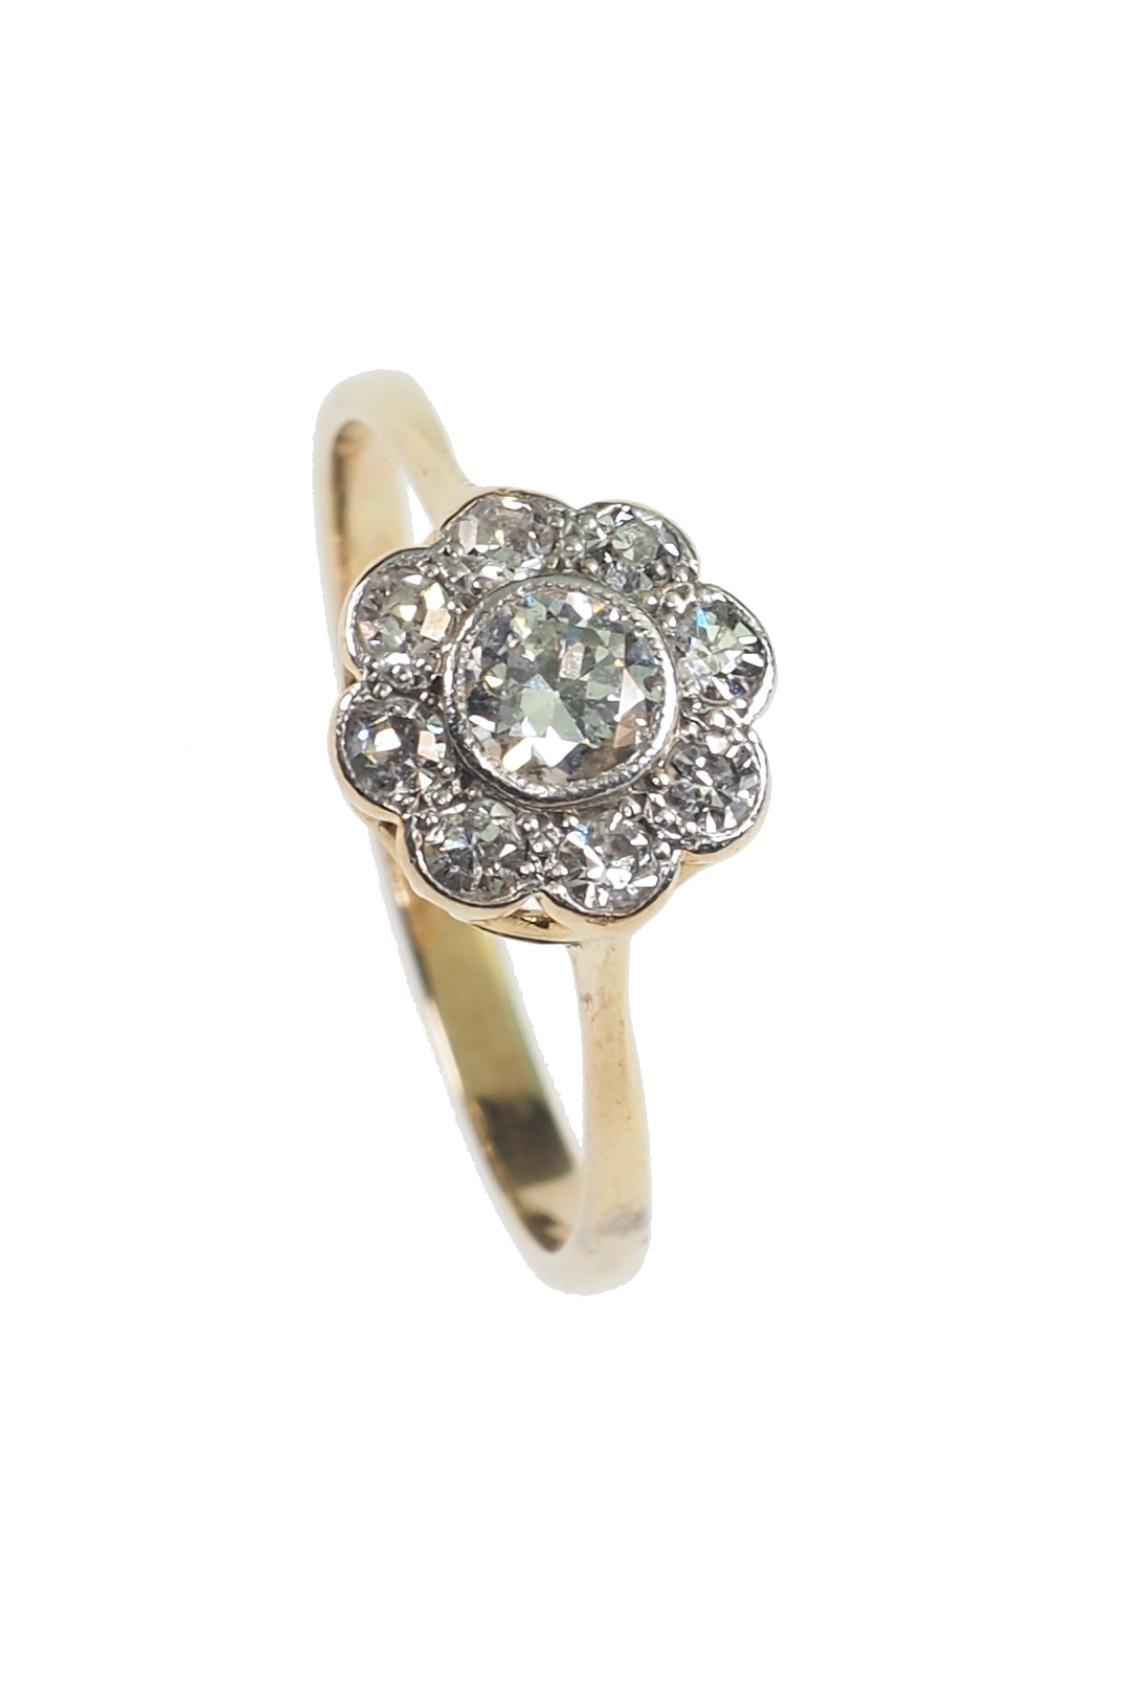 Verlobungsringe-online-kaufen-2599a